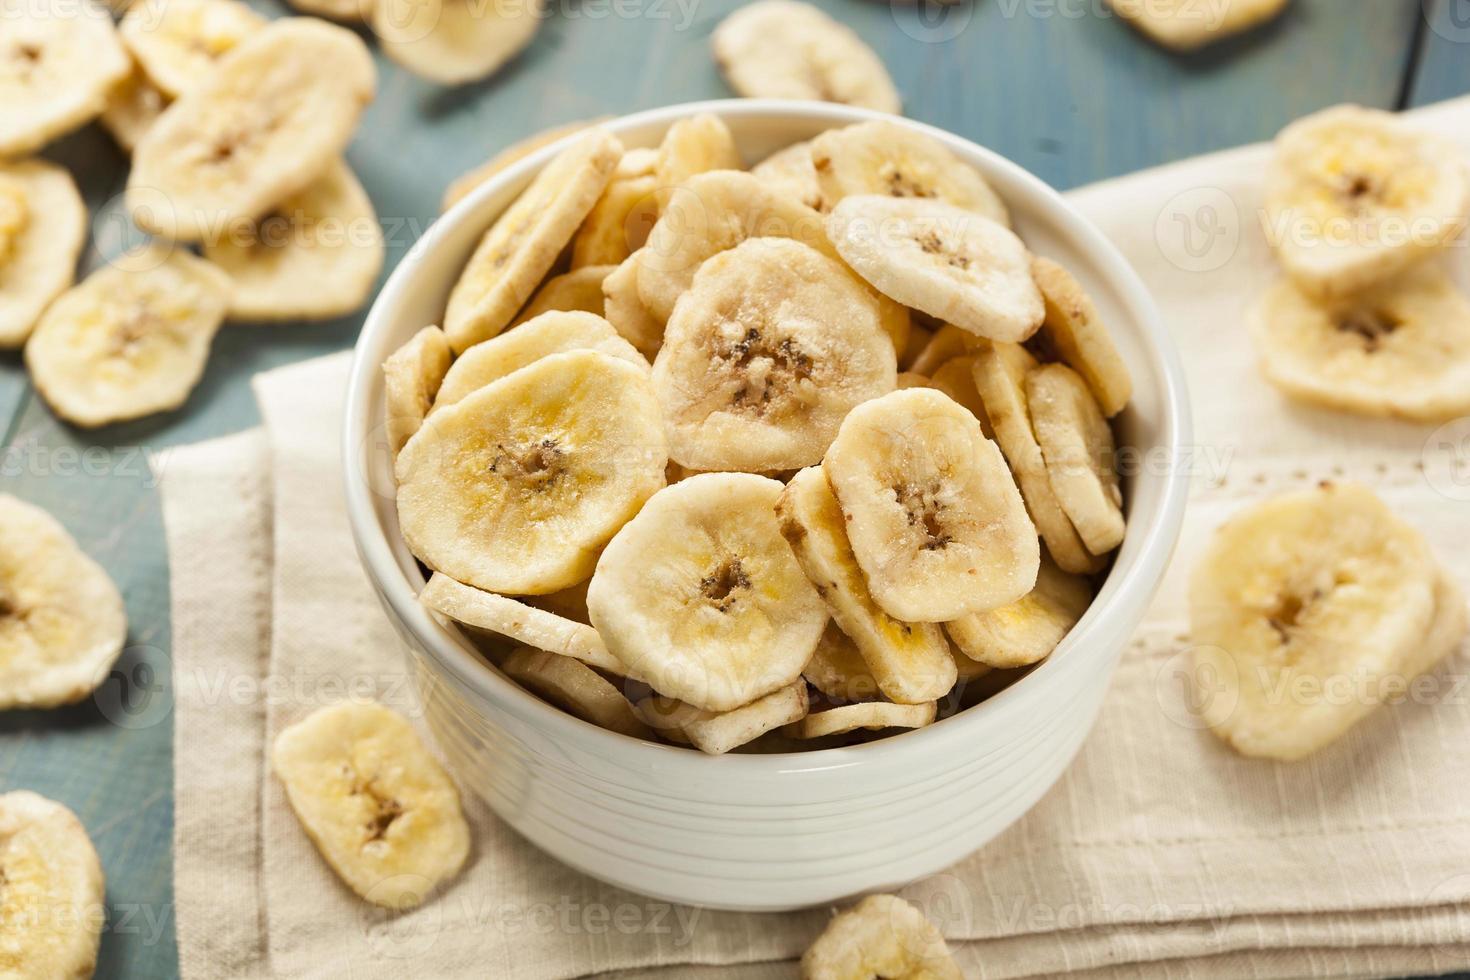 hausgemachte dehydrierte Bananenchips foto